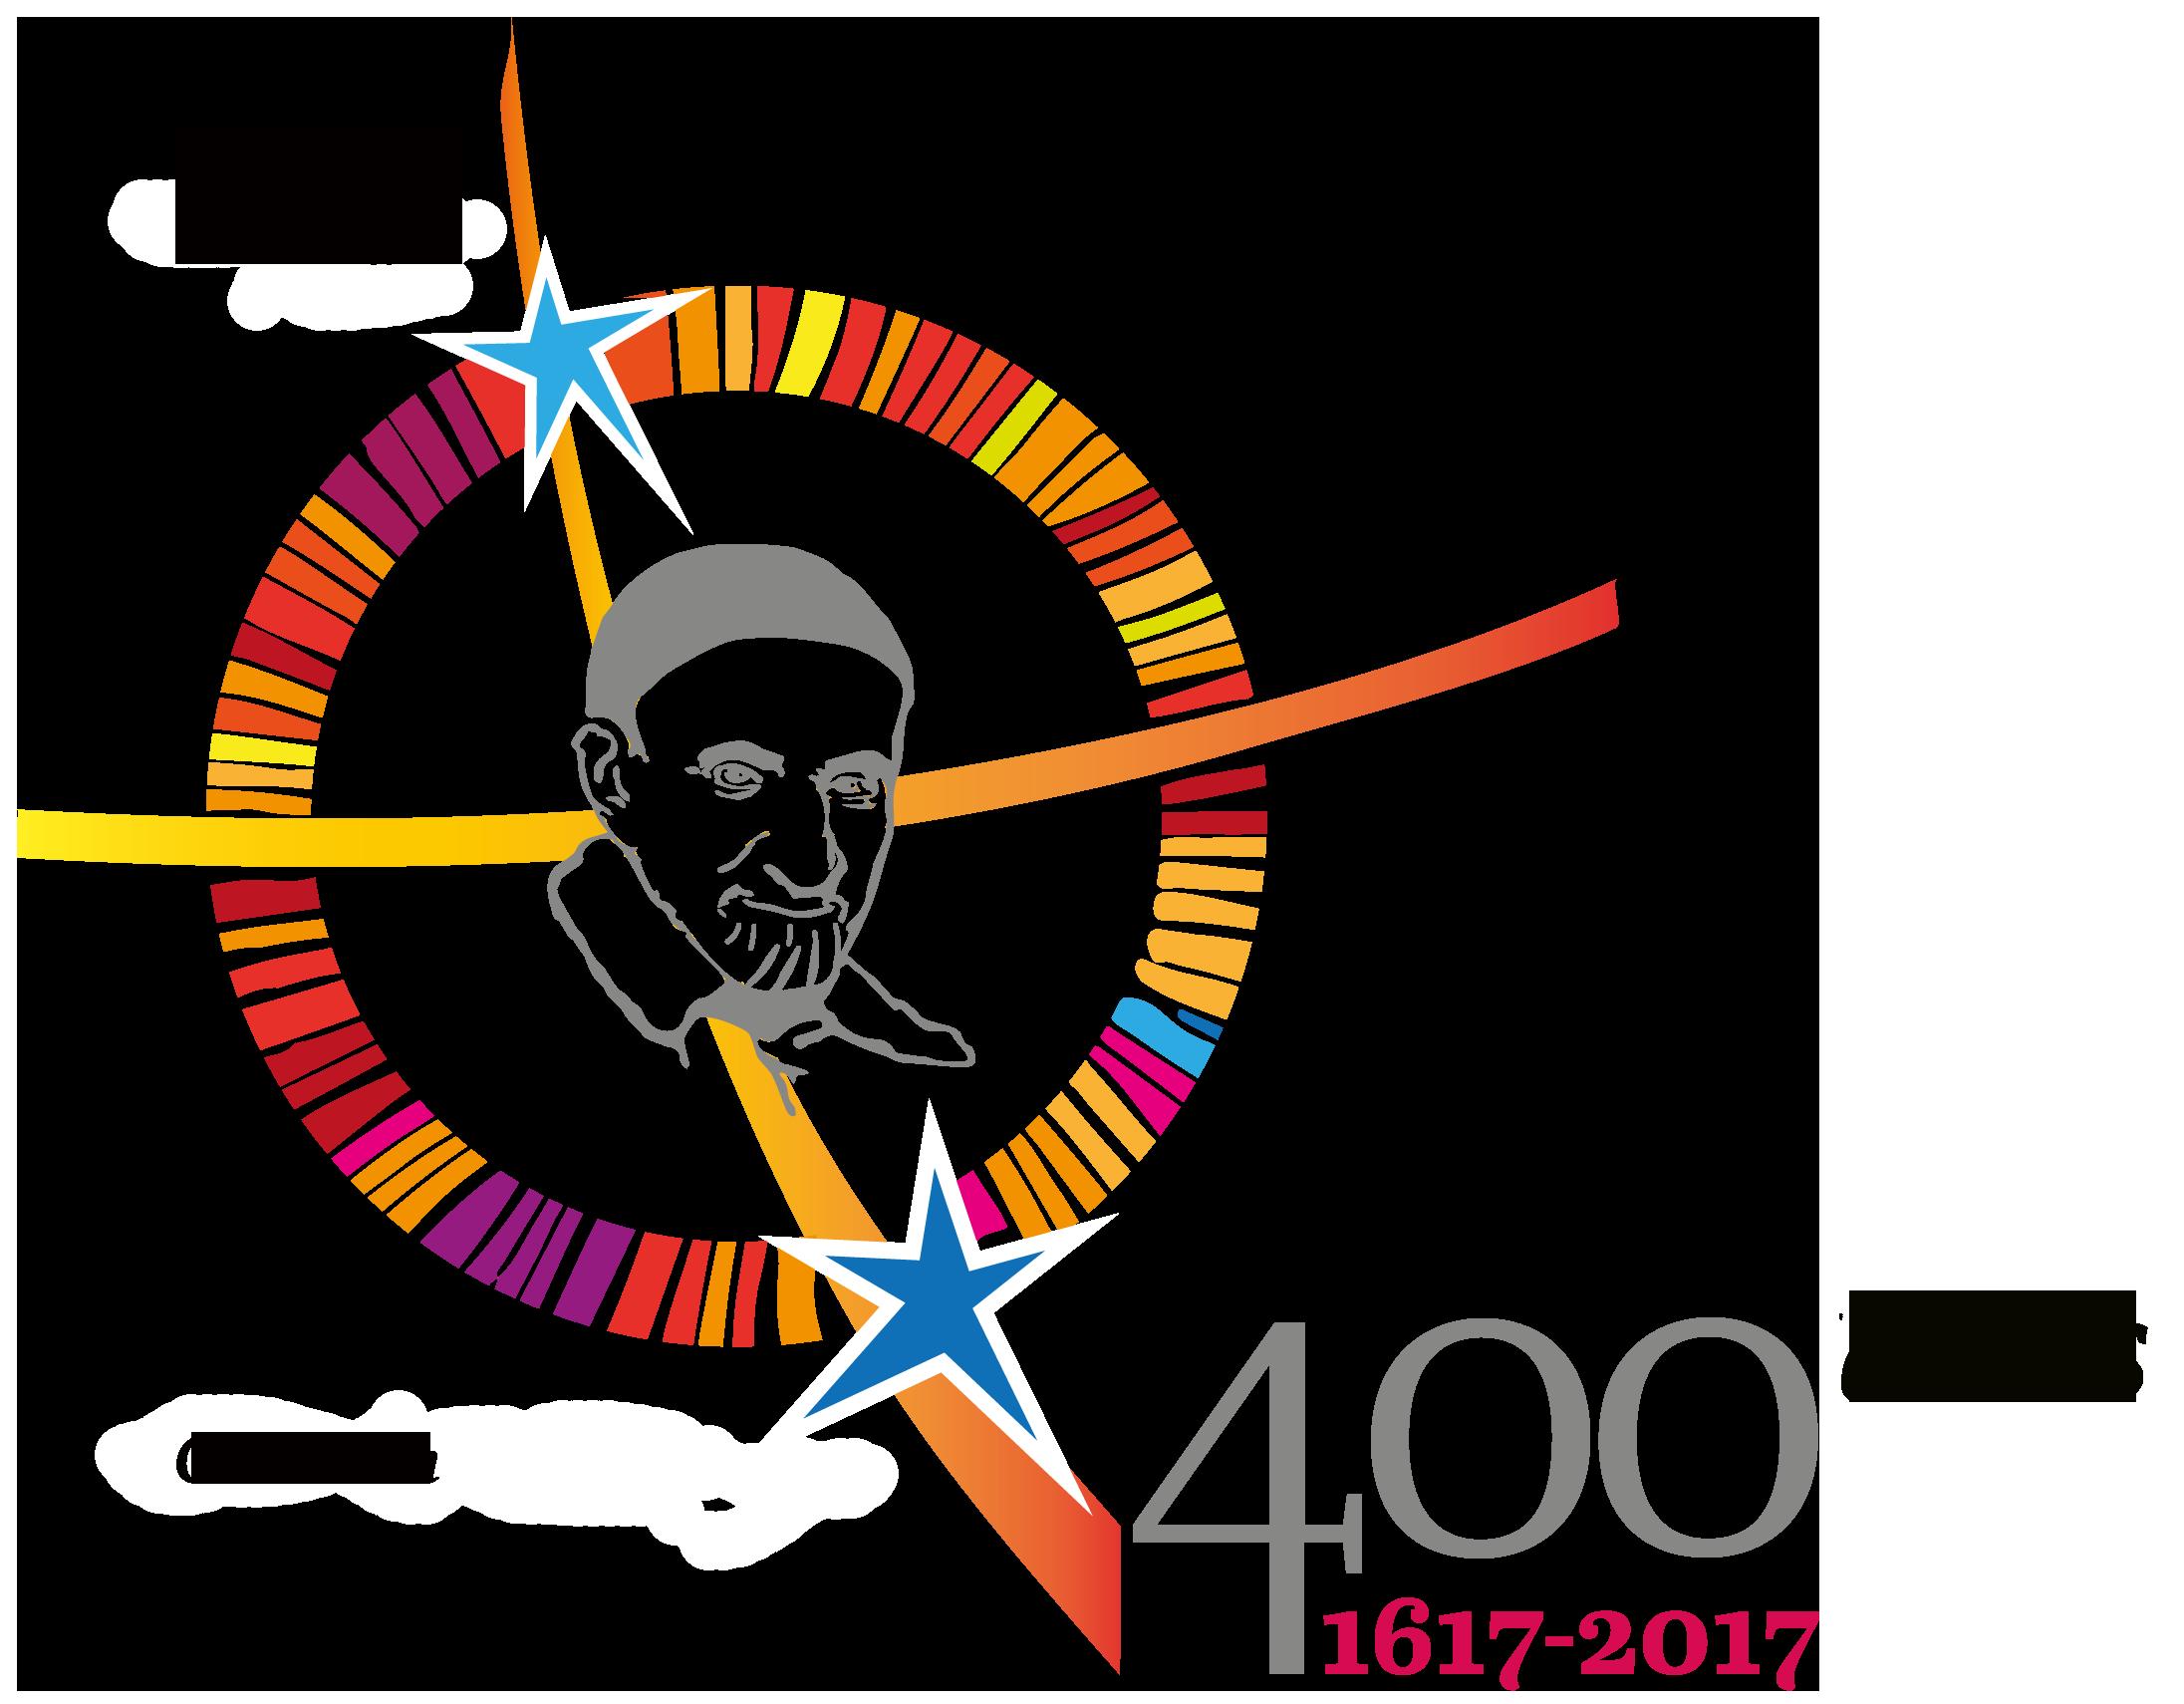 Cierre de los 400 años del Carisma Vicenciano